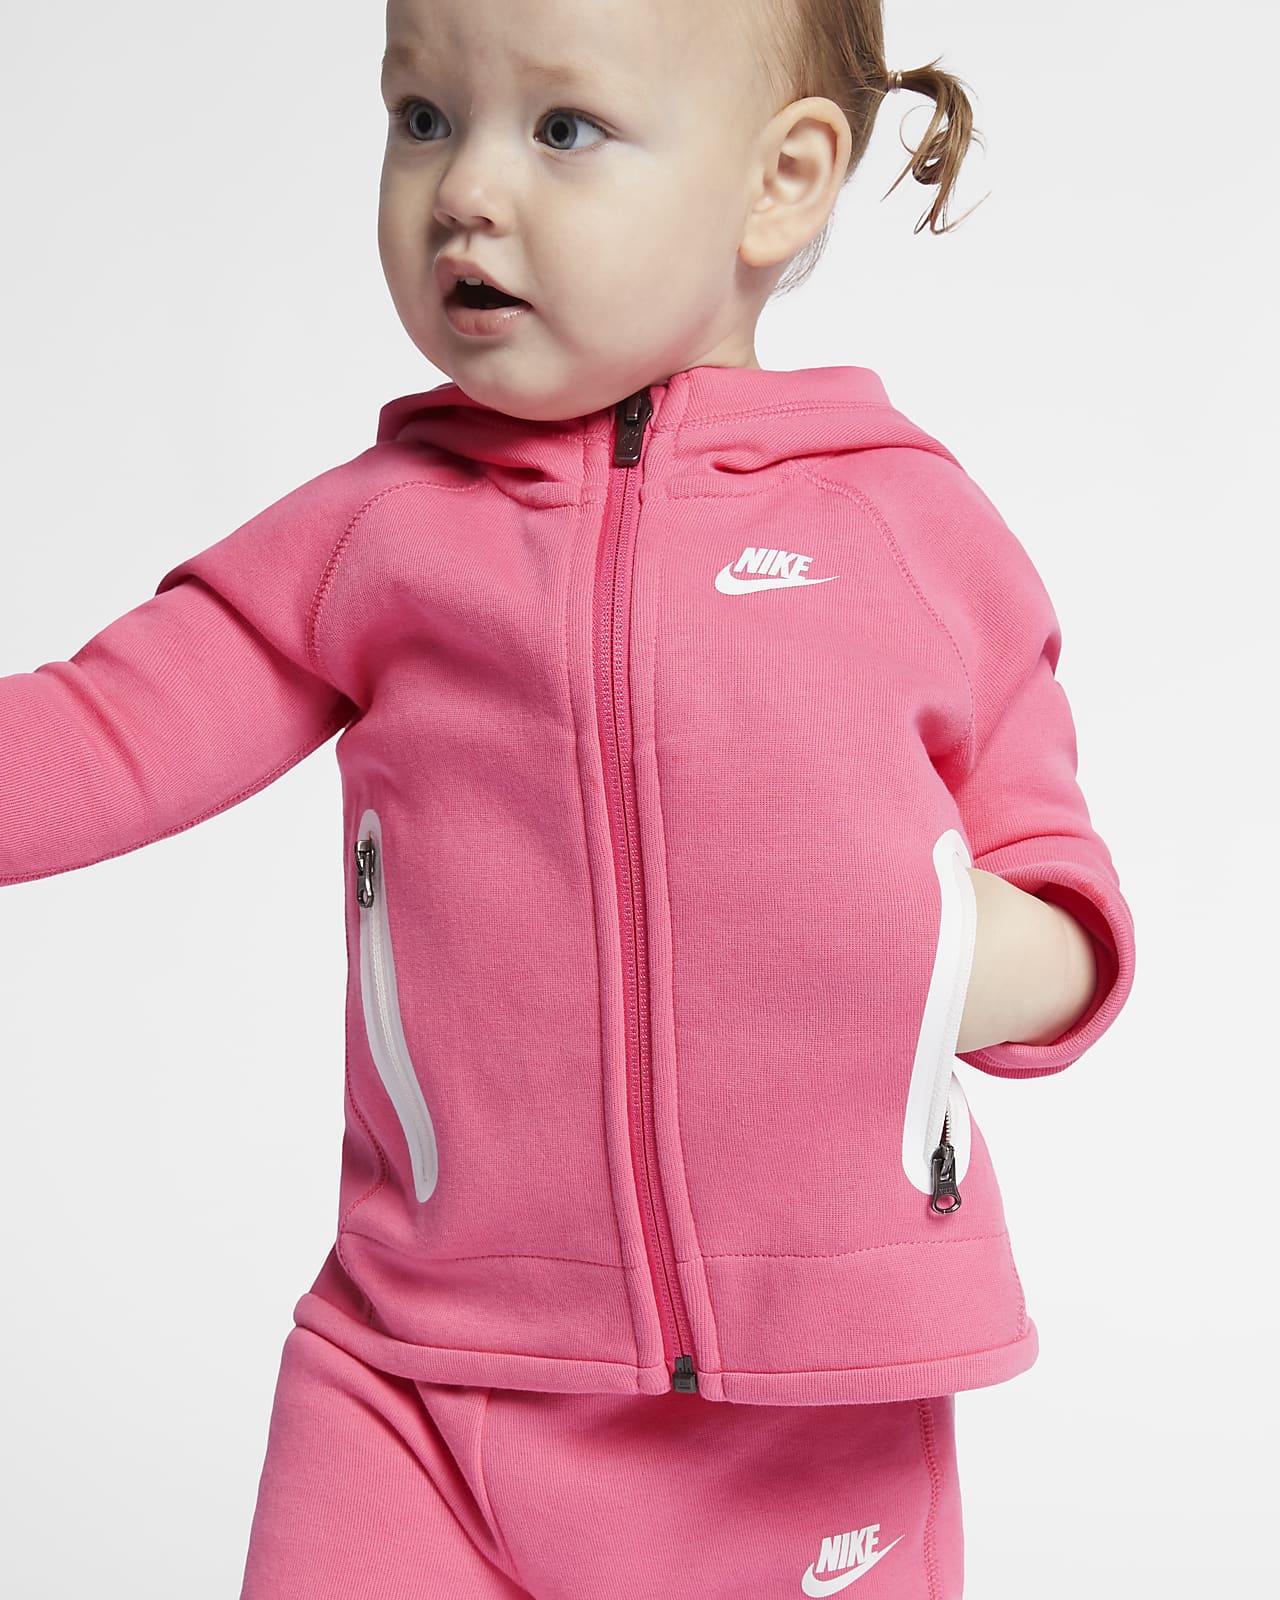 Nike Sportswear Tech Fleece Baby (12